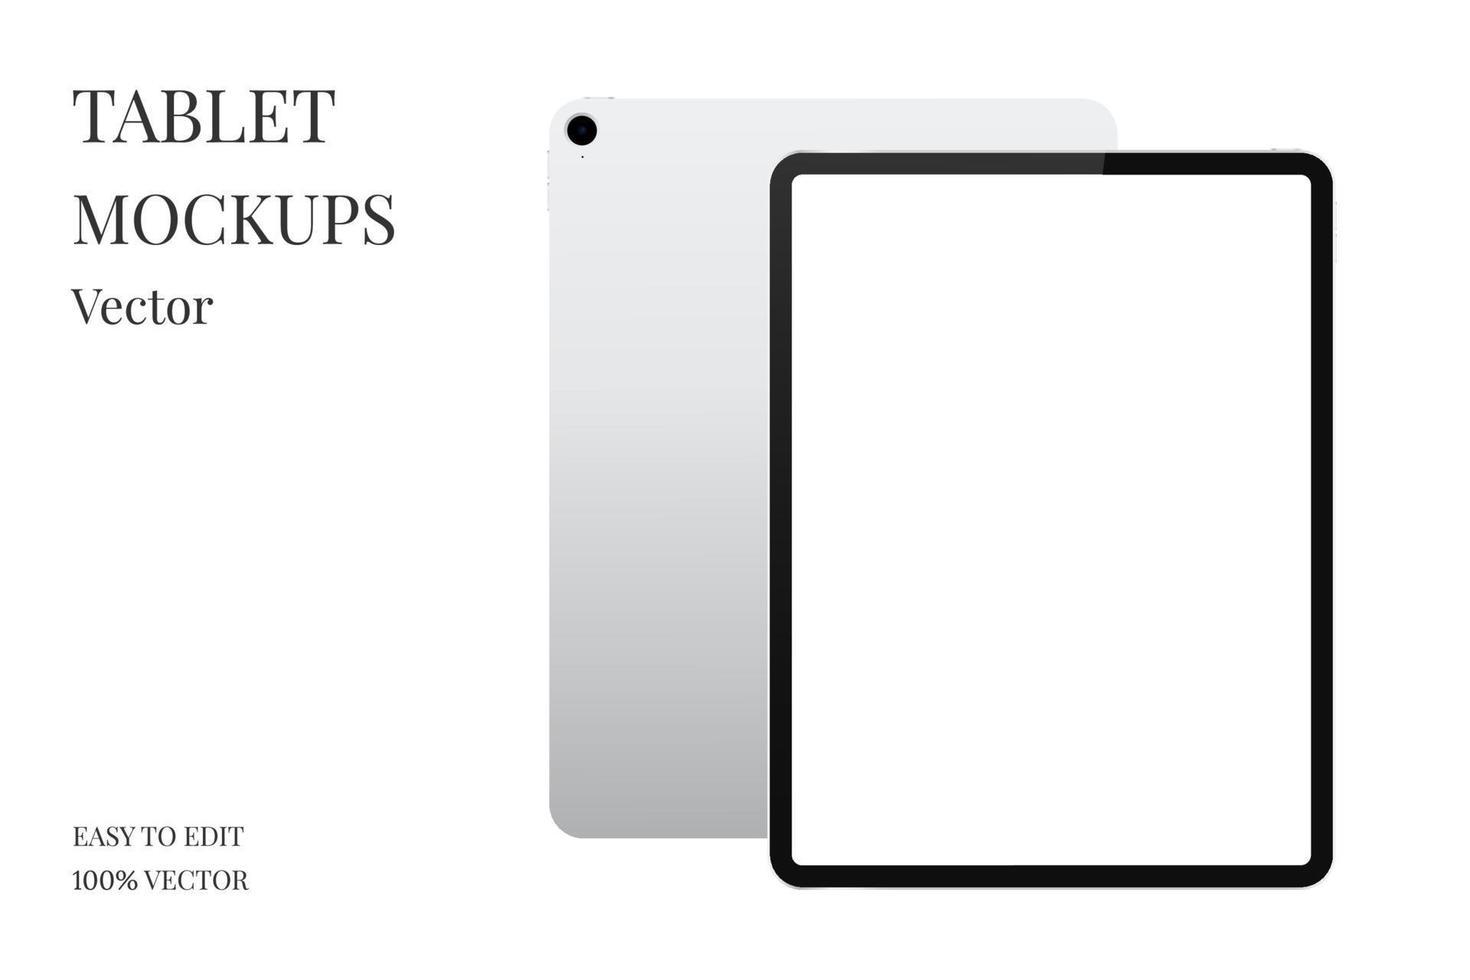 Tablettenmodellvektor. modernes Tablet mit leerem Bildschirm. realistischer Tablet-Computer lokalisiert auf weißem Hintergrund. vektor